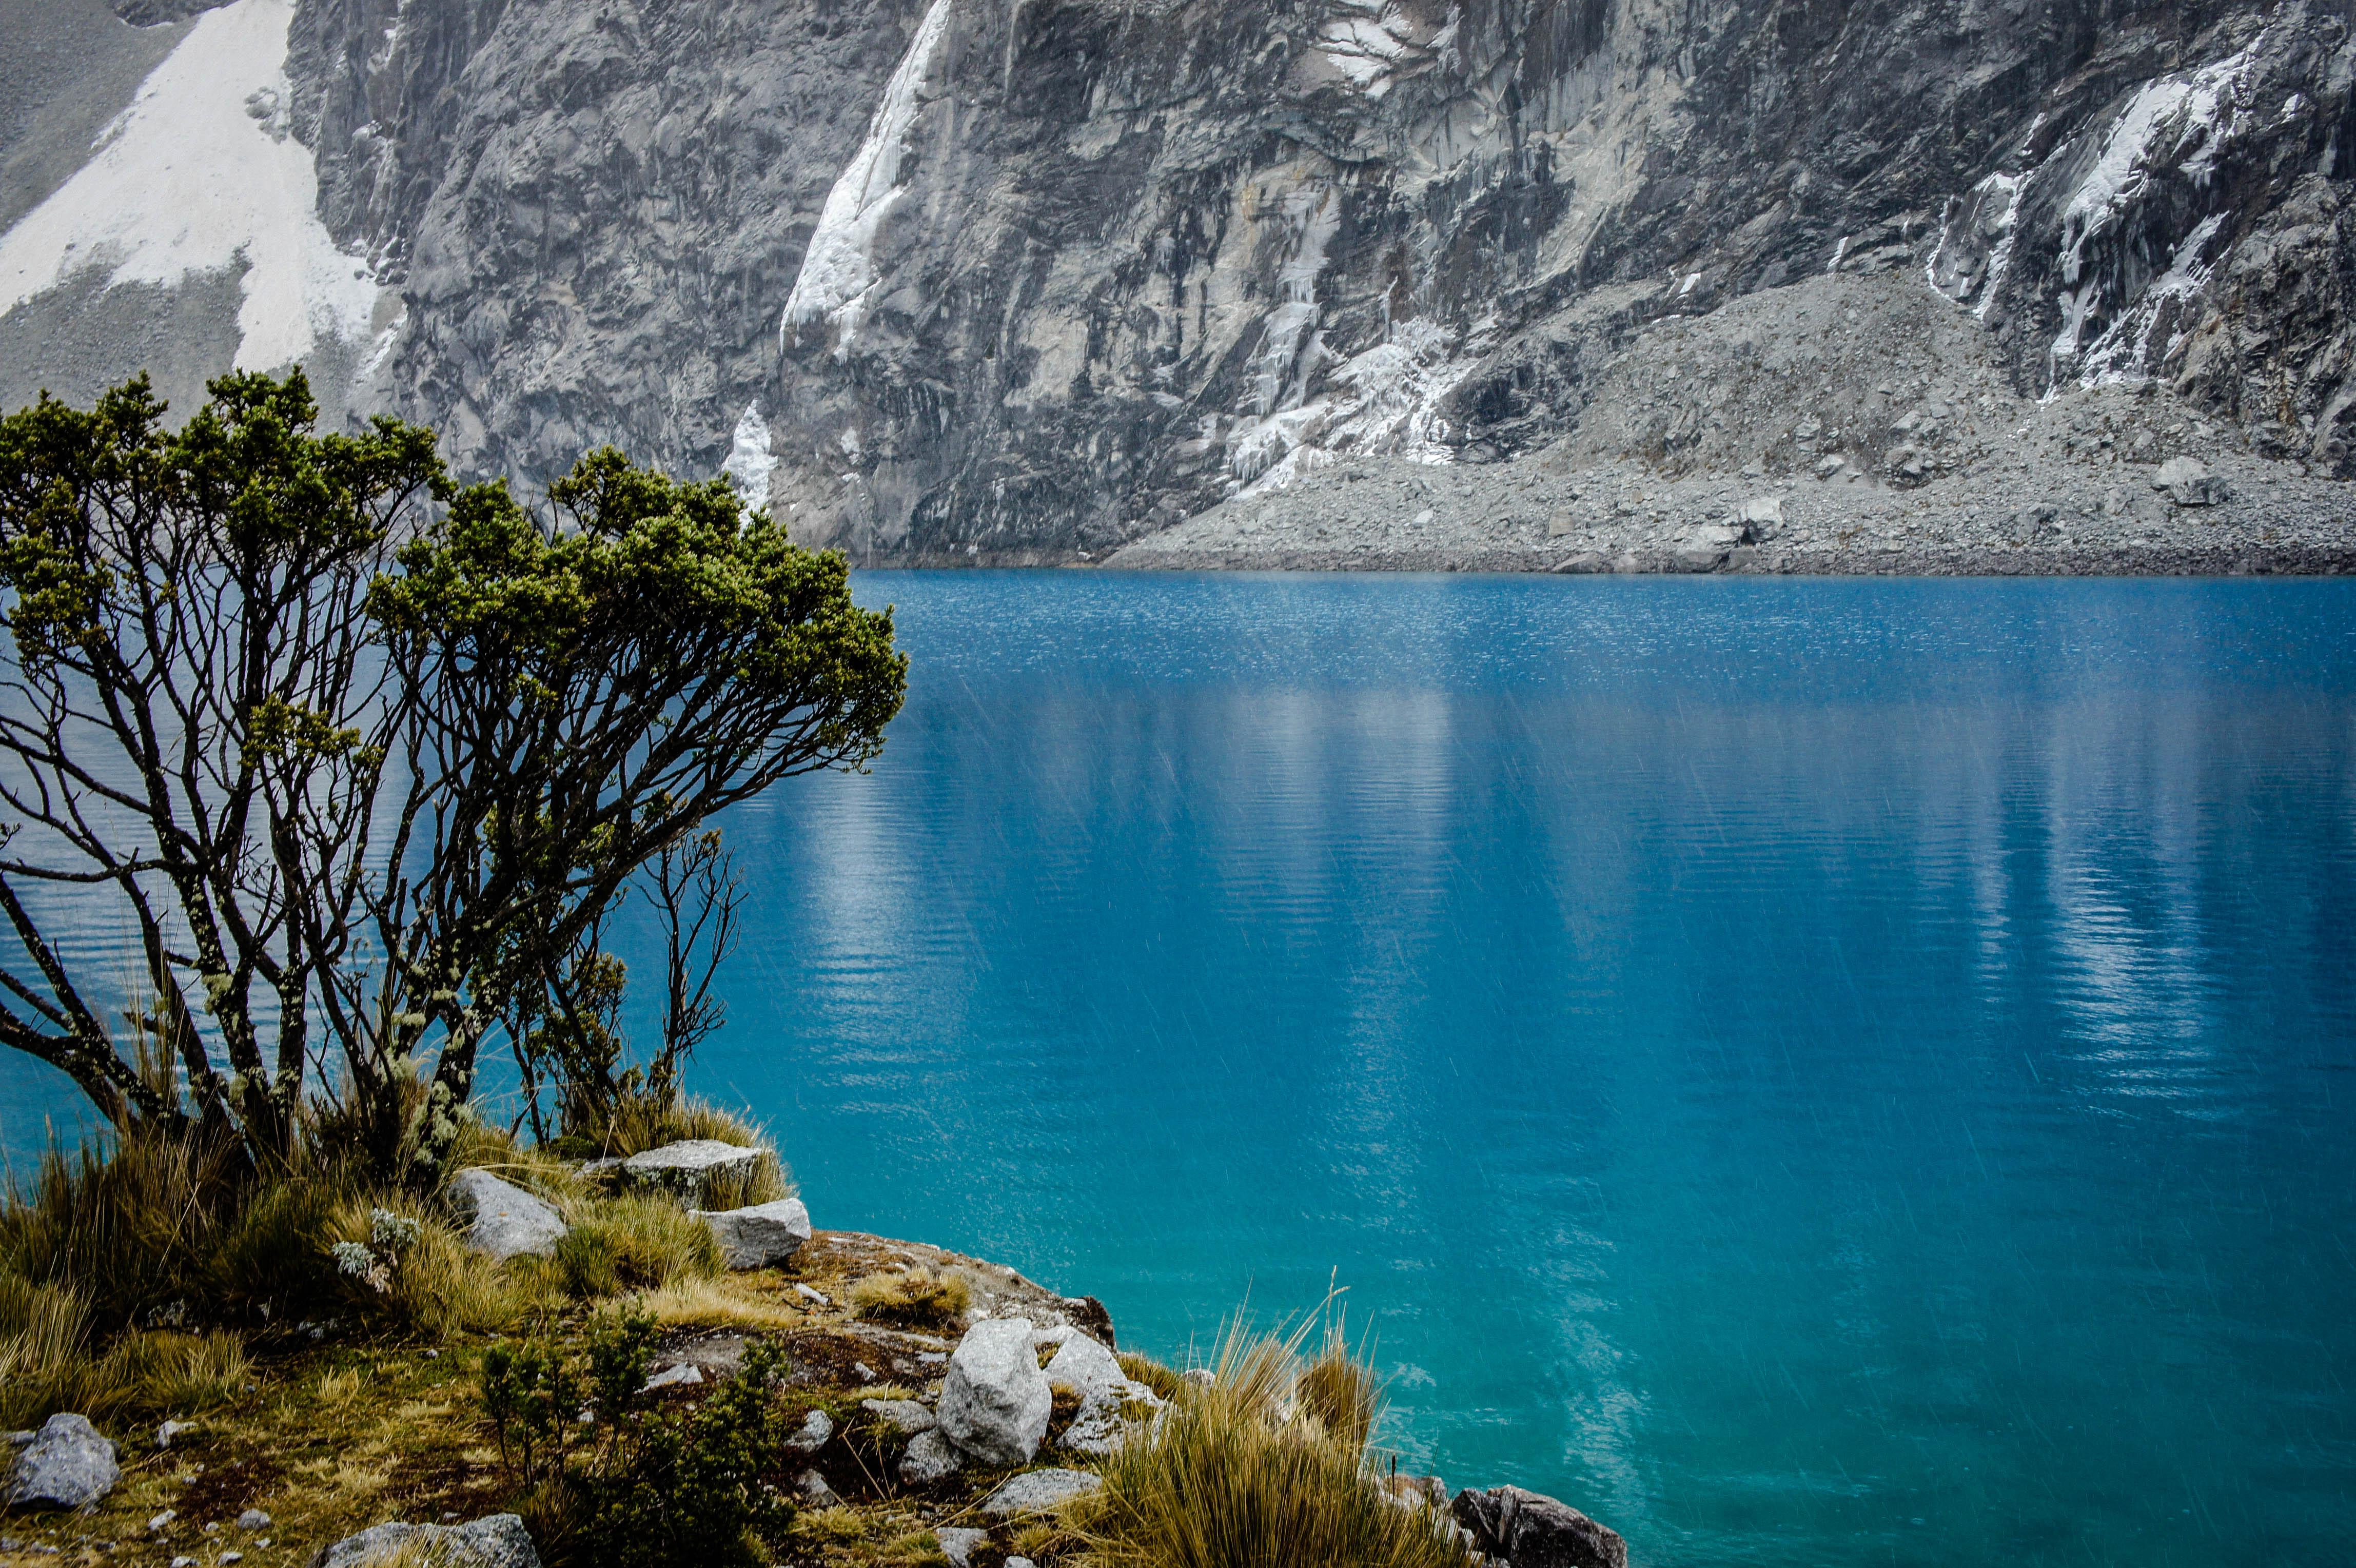 Lake 69 Wikipedia